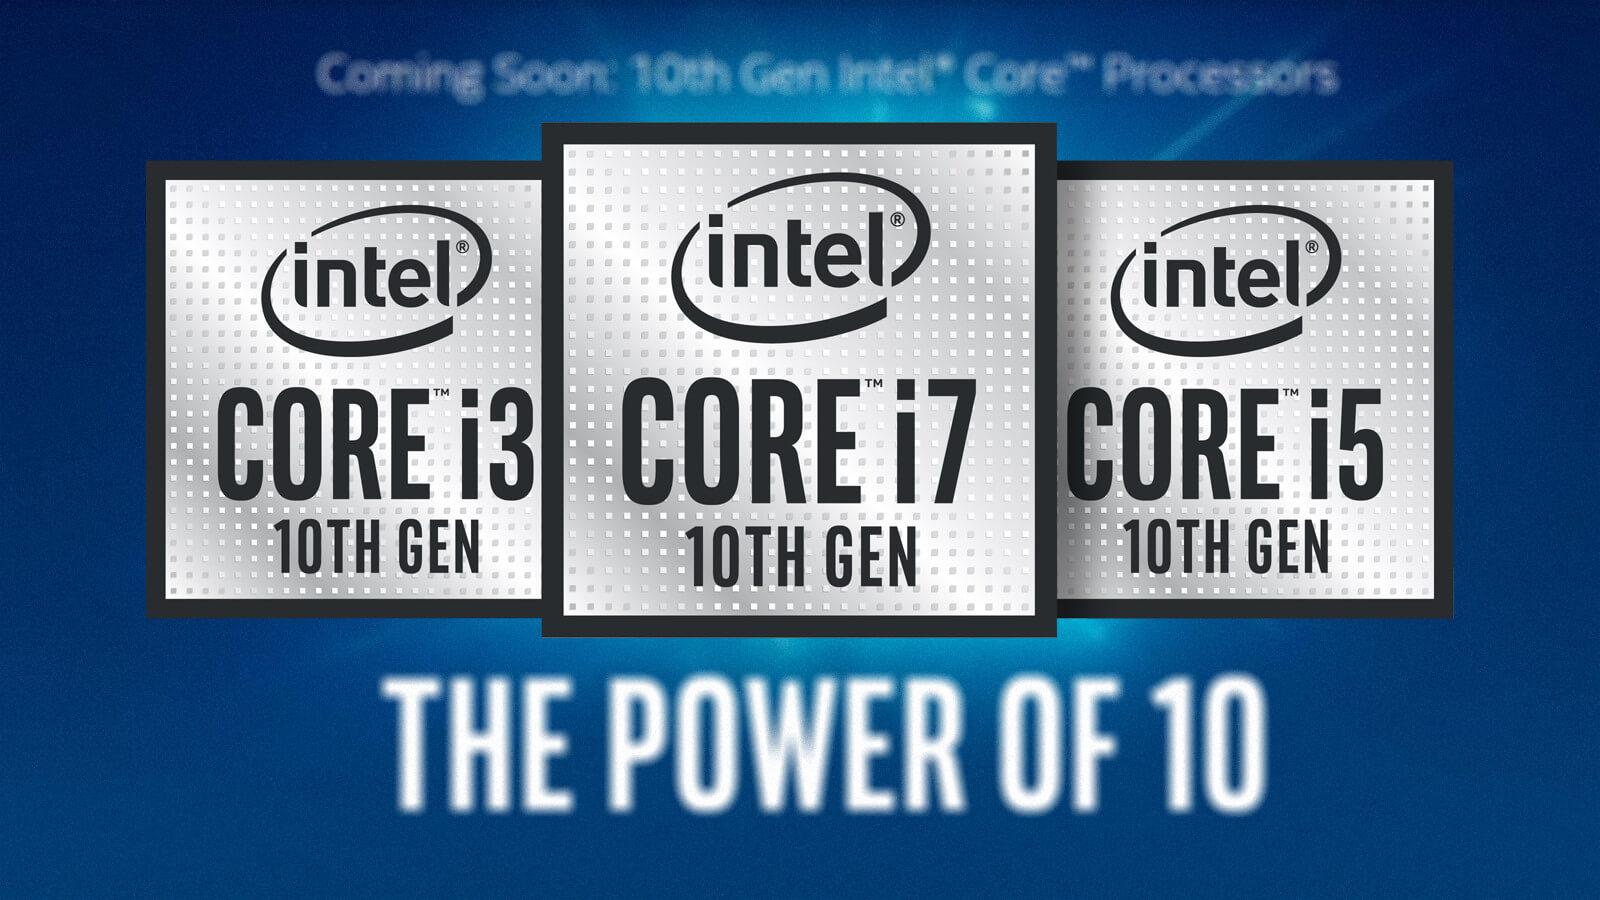 مشخصات پردازندههای دسکتاپ نسل ۱۰ اینتل منتشر شد